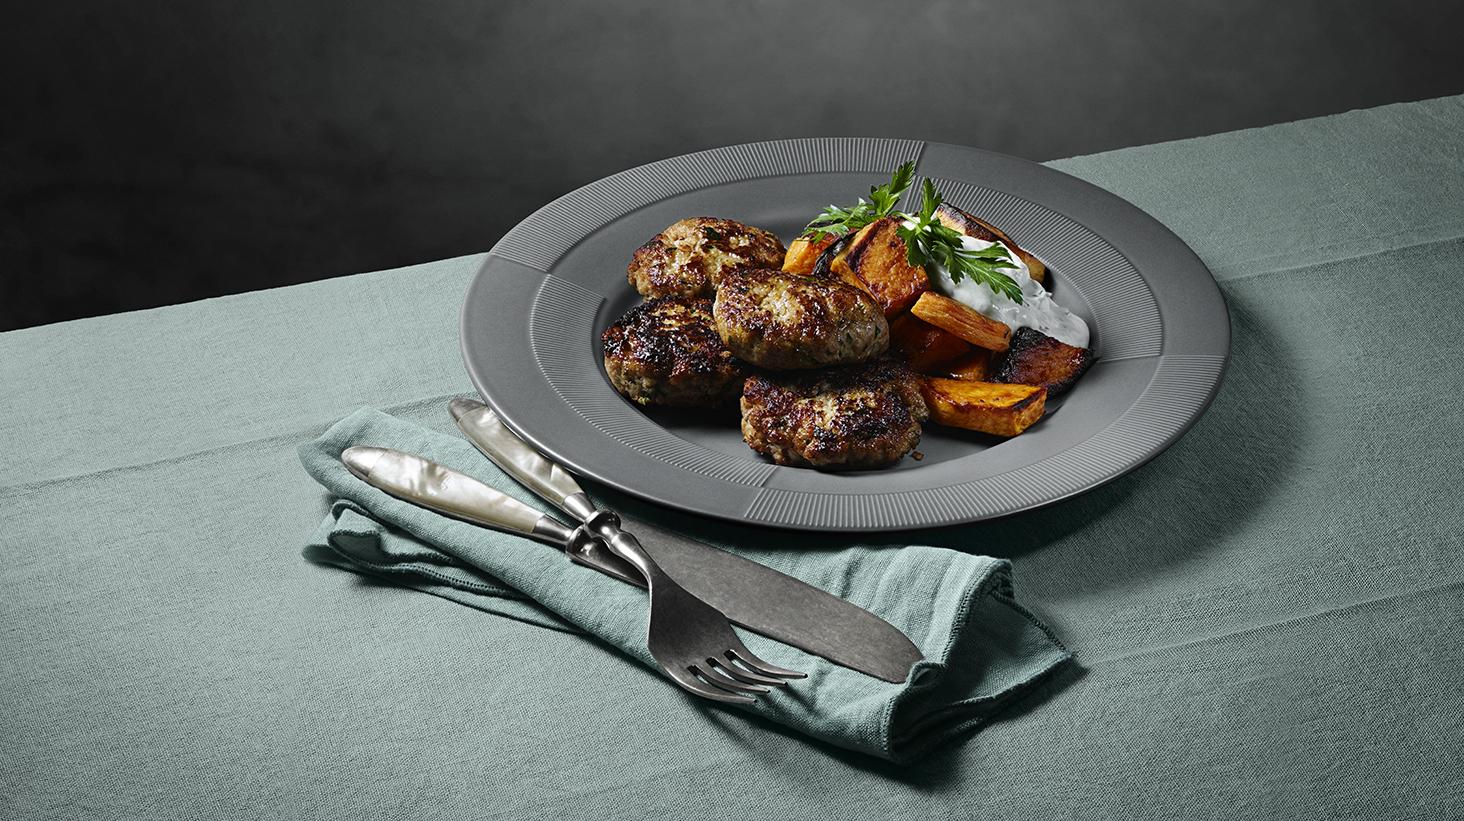 Sju av tio kan tänka sig betala mer för svenskt kött